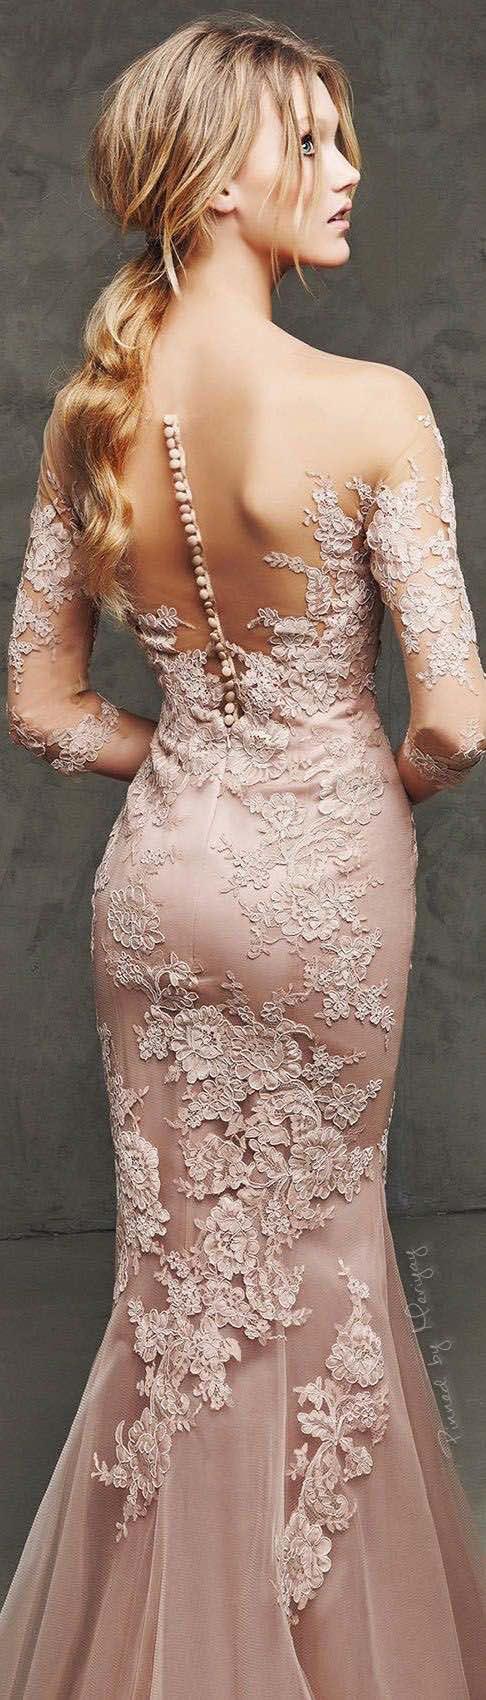 Pronovias 2016: un vestido increíblemente hermoso para la blushing bride.